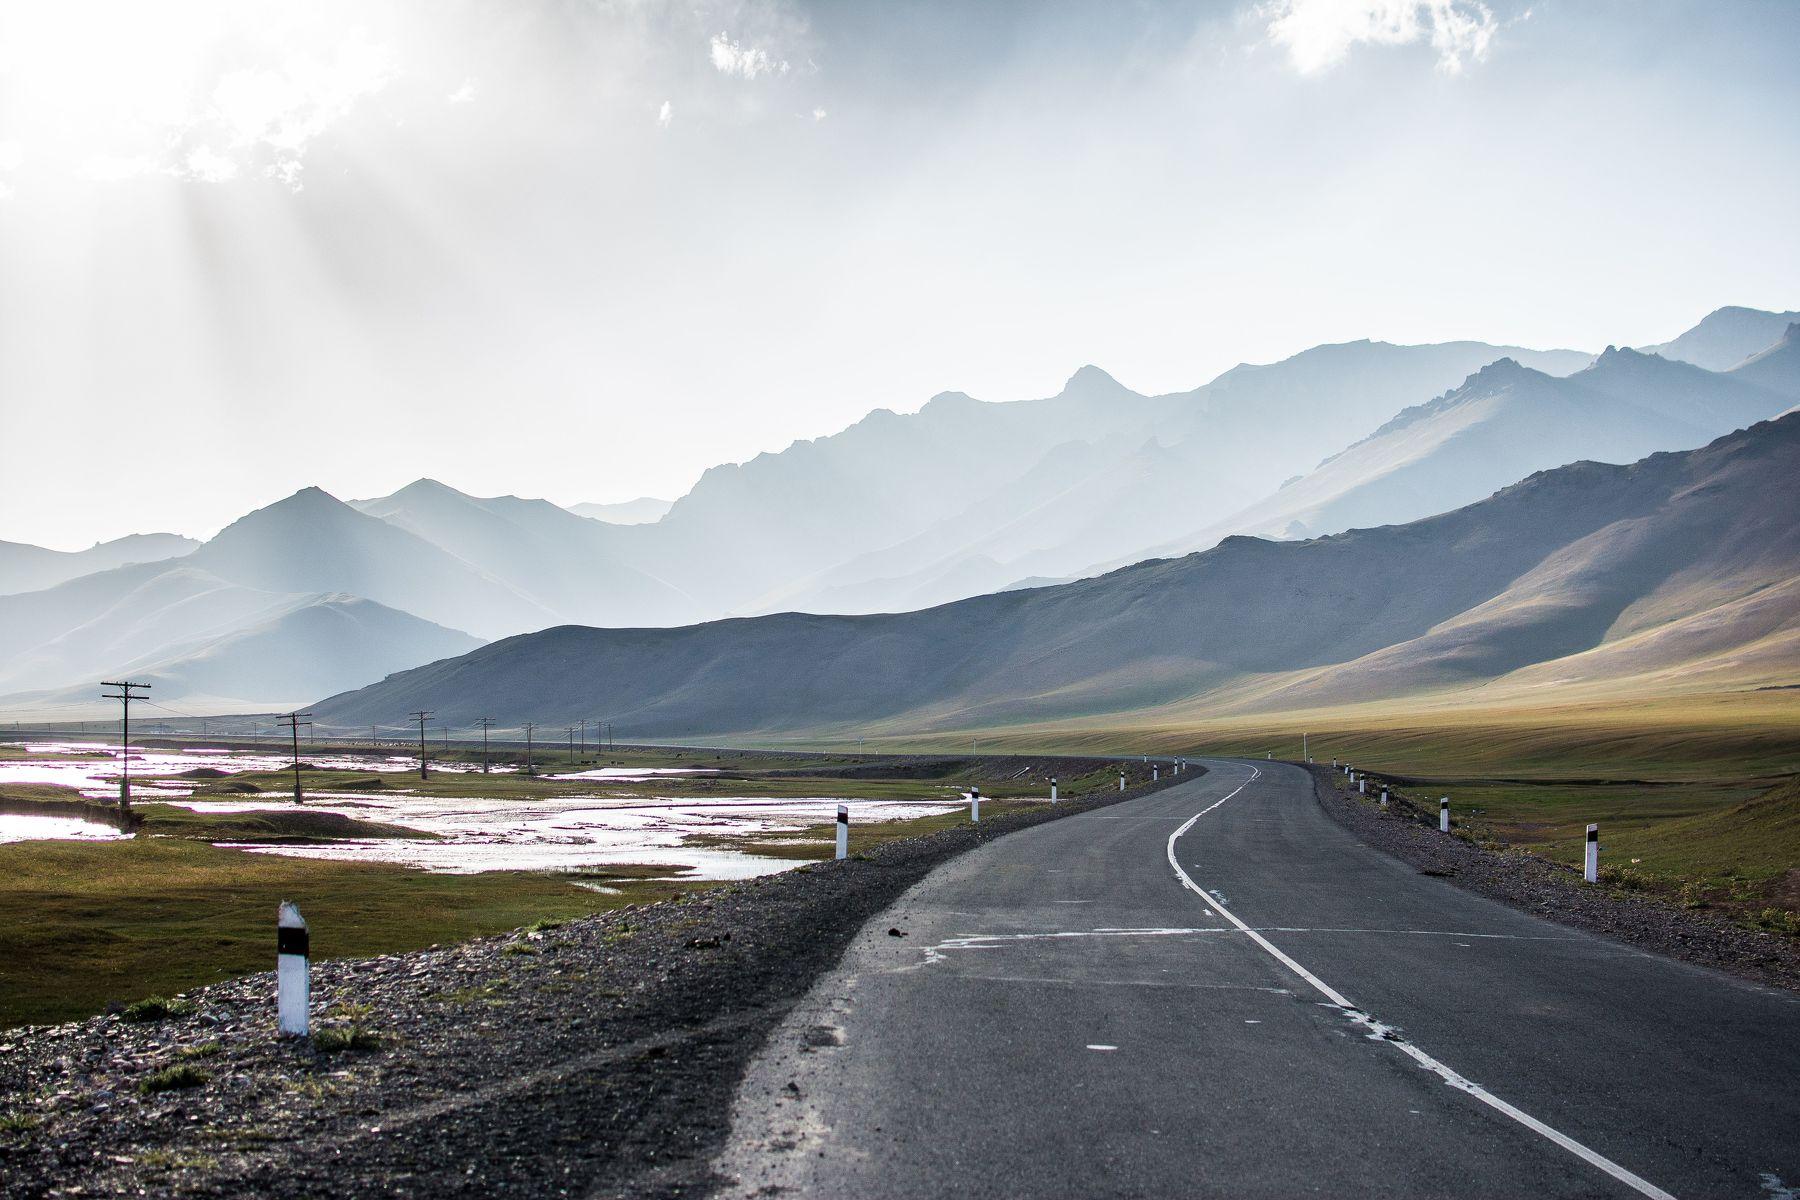 природа, пейзаж, горы, дорога, река, Василий